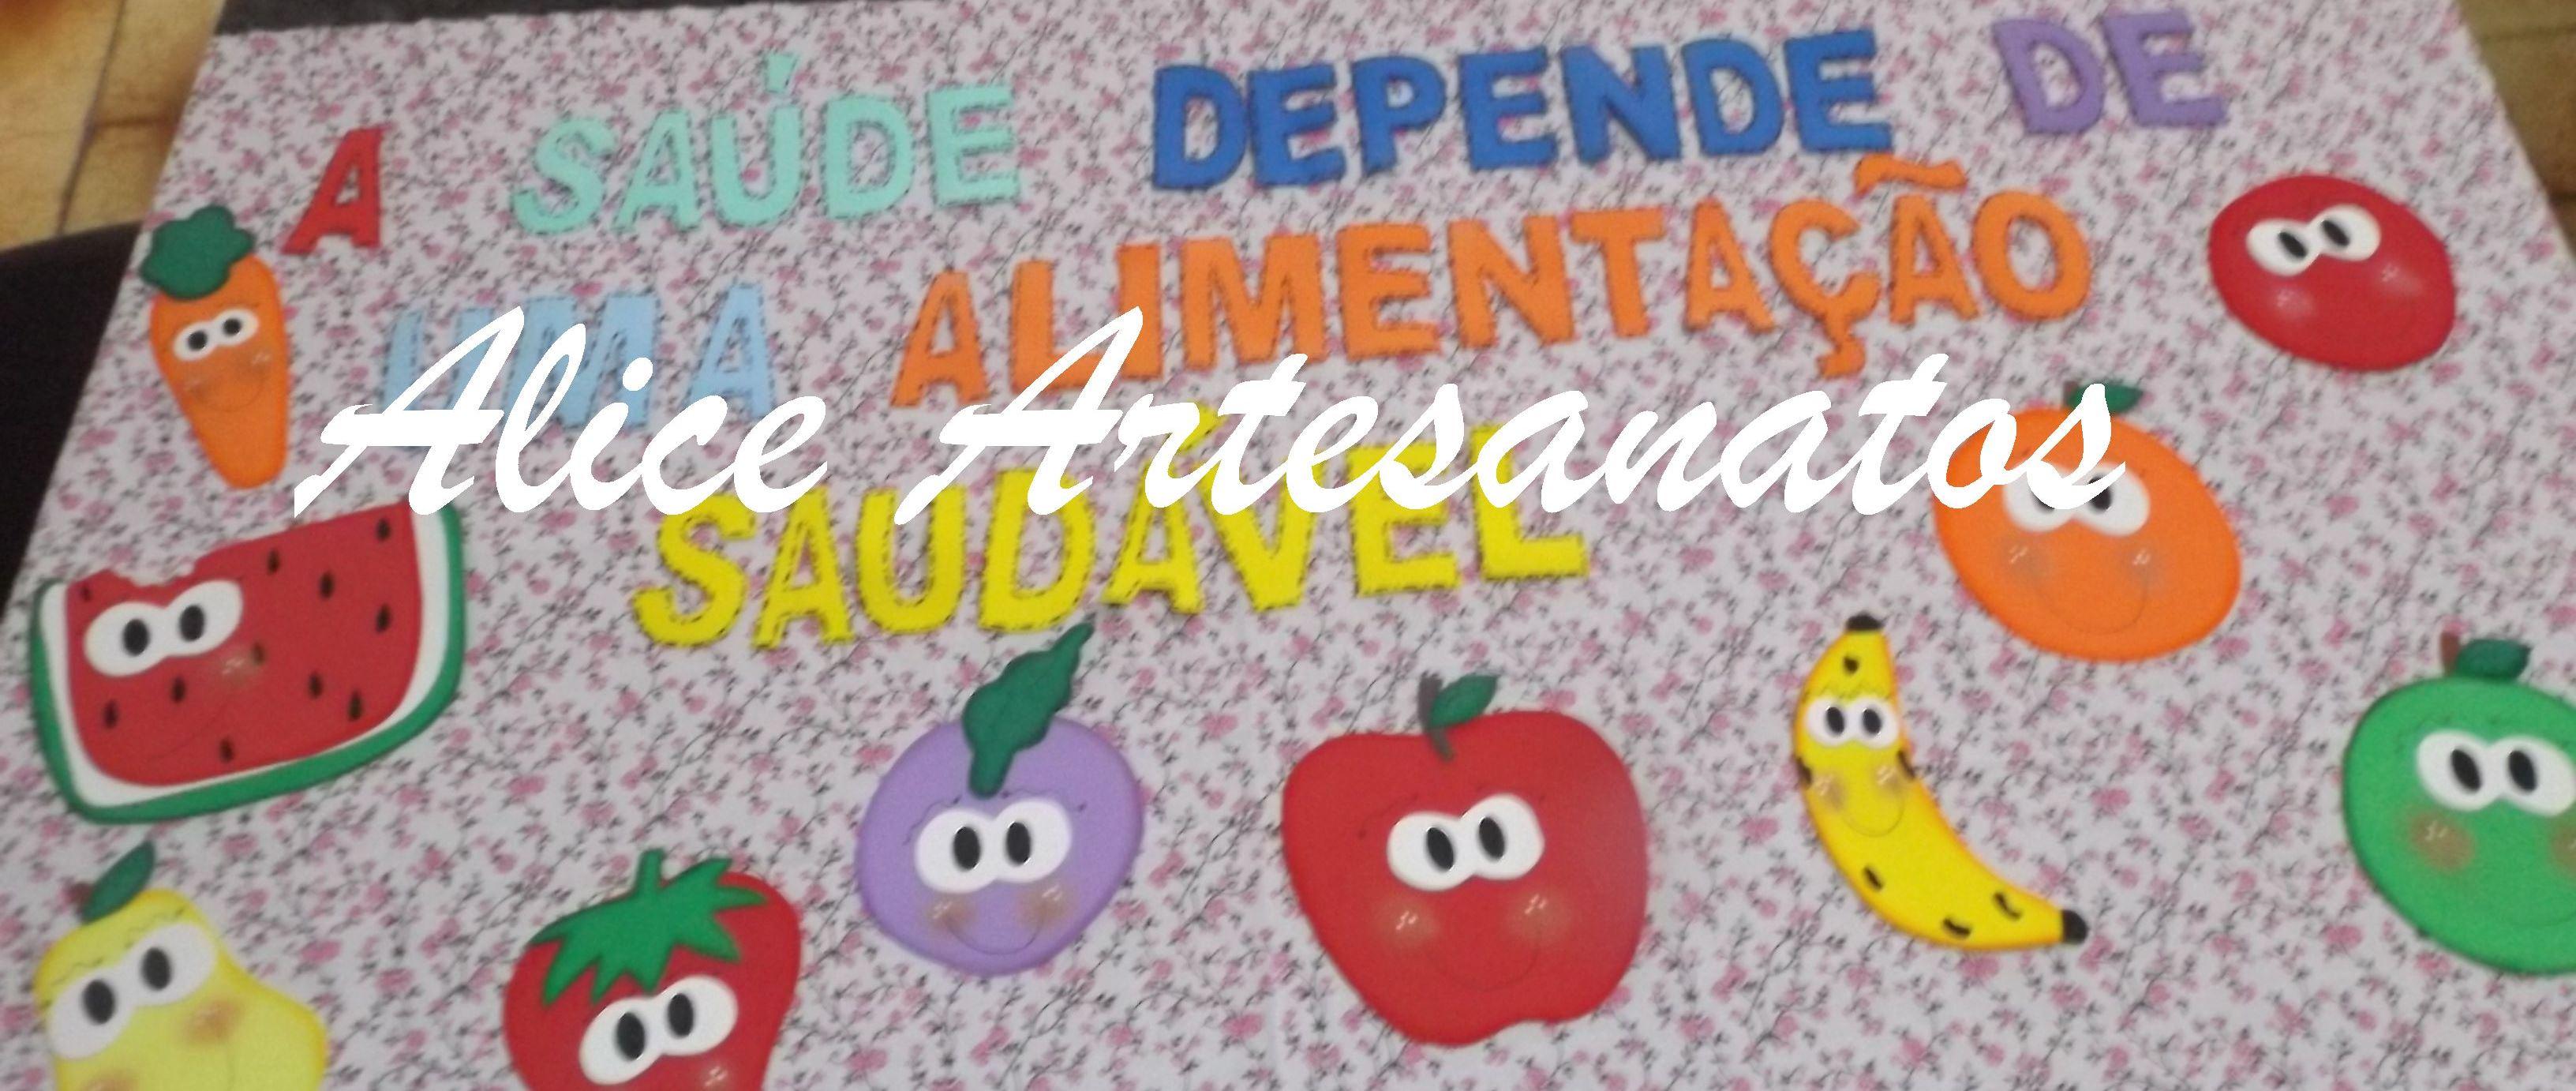 Frases Alimentação Saudavel Educação Infantil Ki17 Ivango